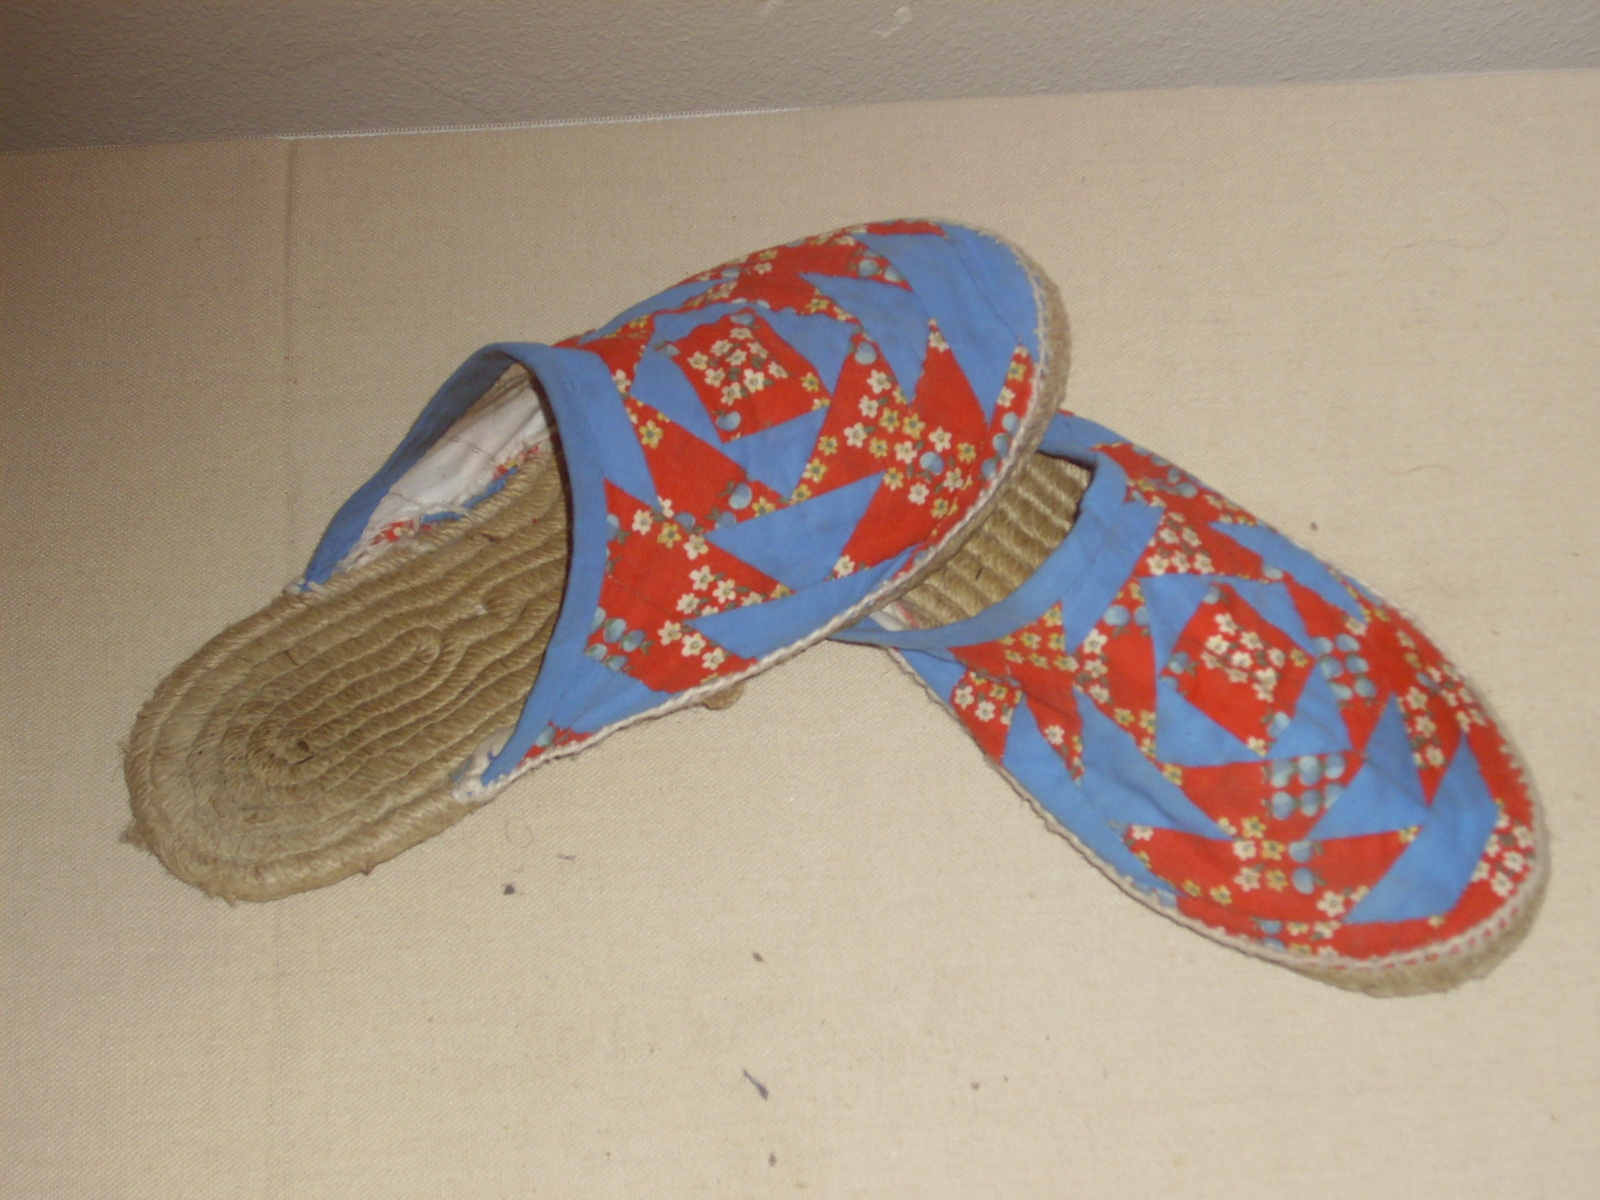 Hecho a mano zapatillas patchwork - Tecnicas de patchwork a mano ...